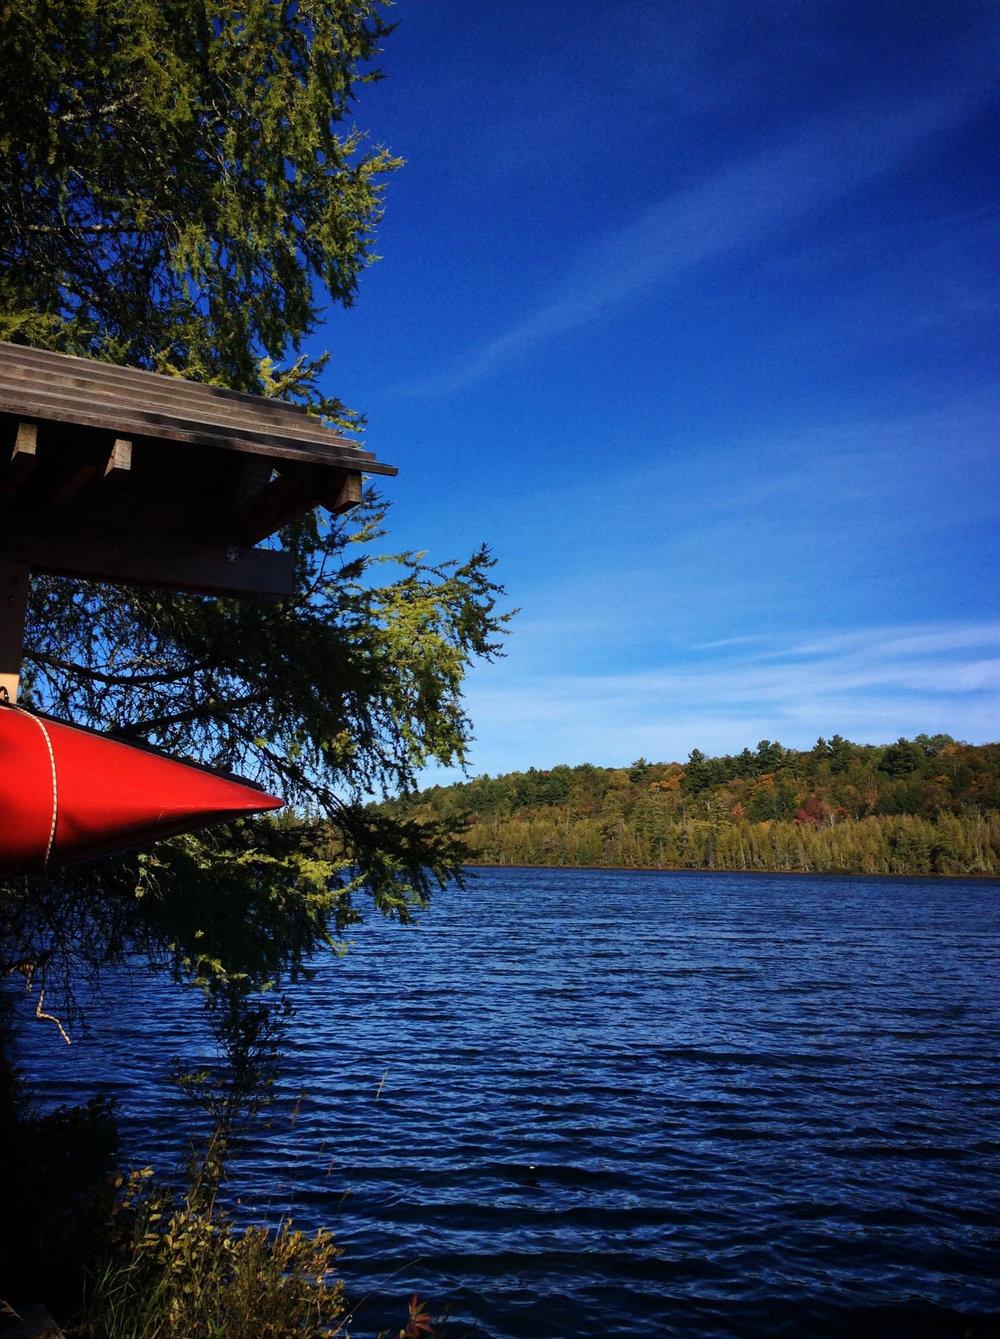 The Canoe at Mud Lake